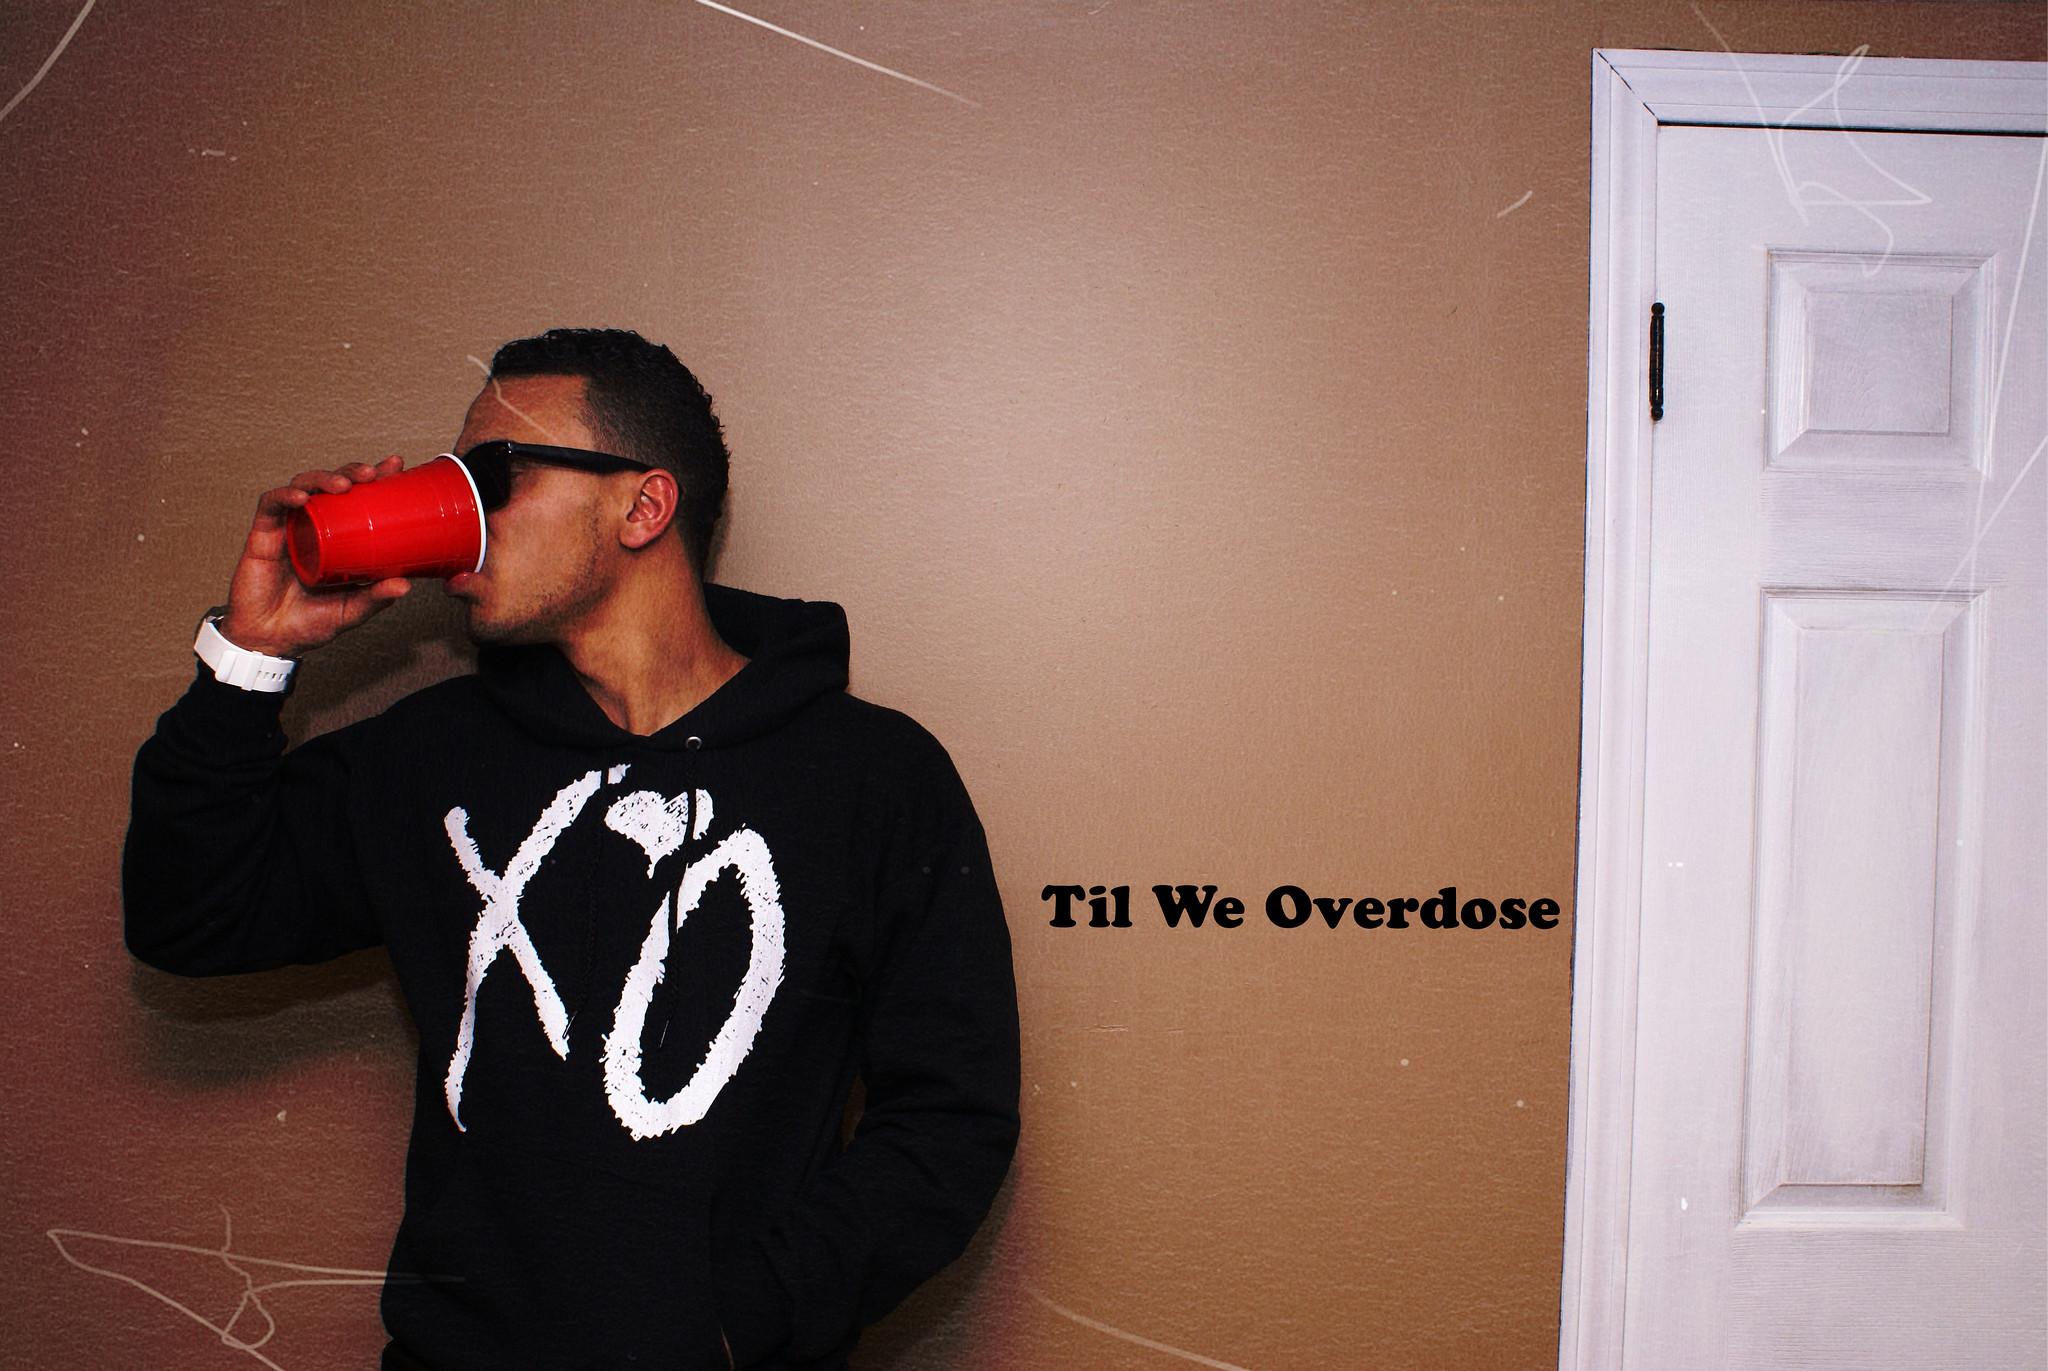 Xo til we overdose wallpaper